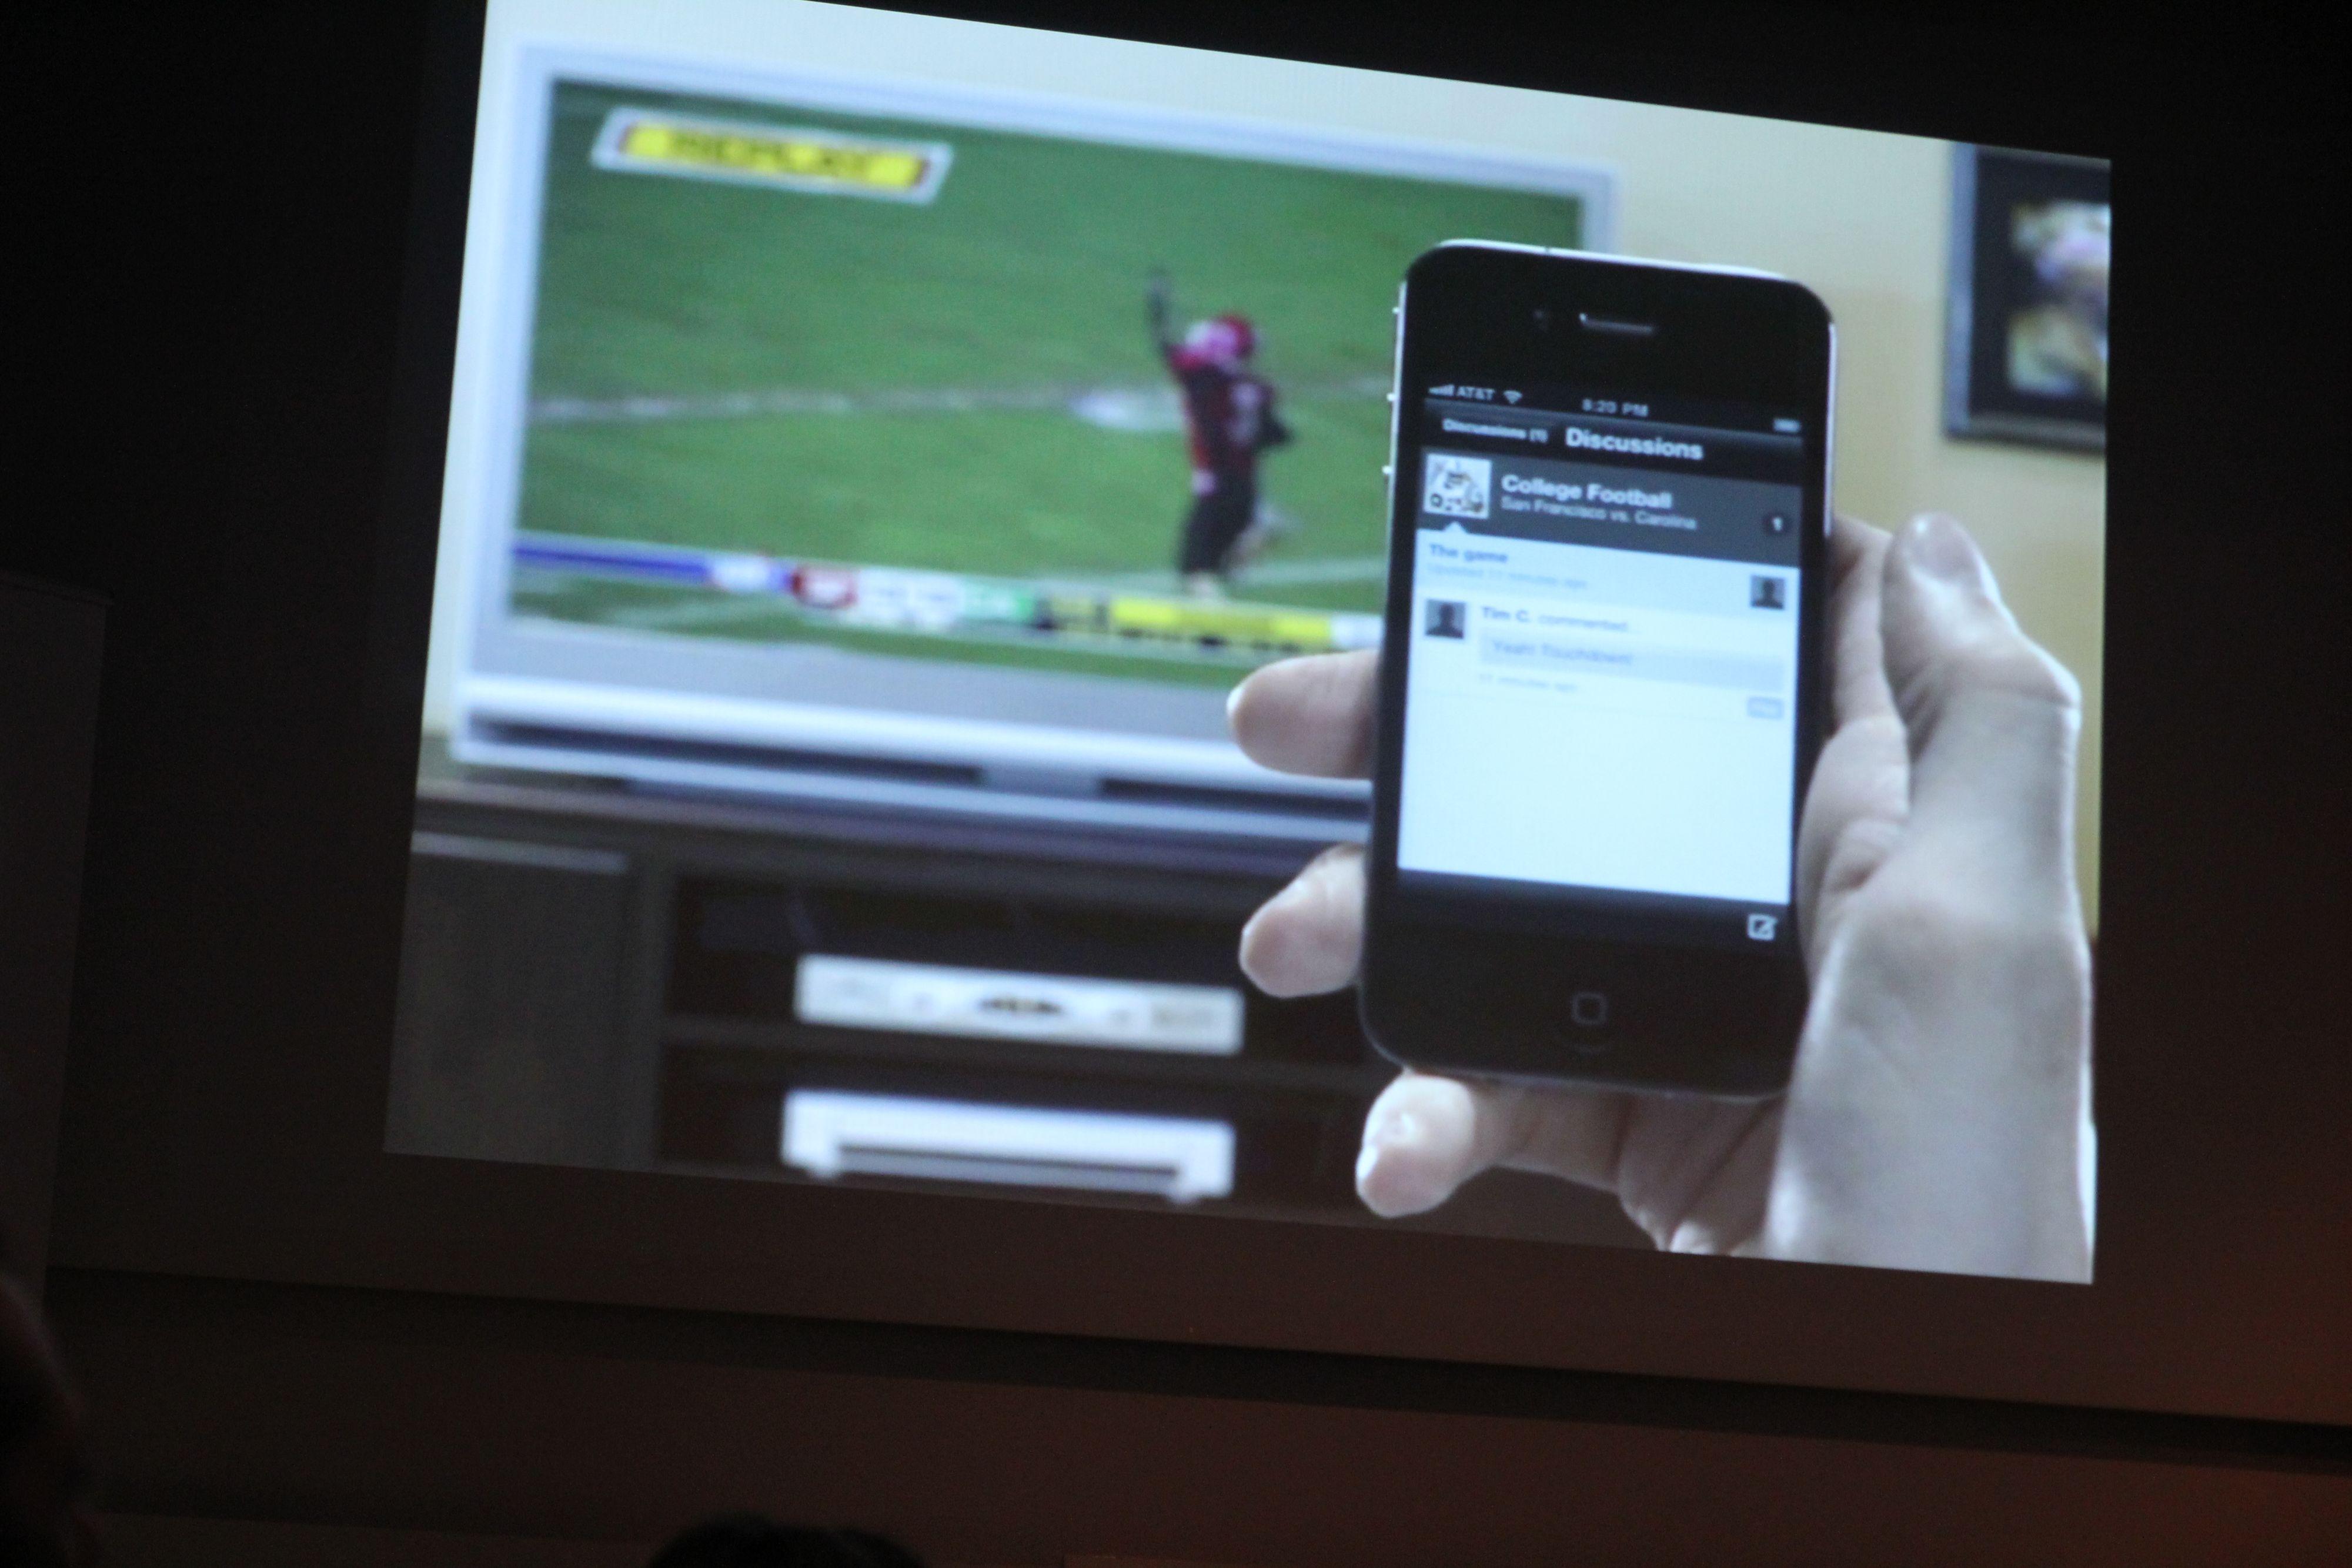 I tillegg til å kunne bruke mobil eller nettbrett som en ekstra skjerm, skal du også kunne gi deg merverdi i form av ekstra informasjon til TV-programmene du ser på.Foto: Niklas Plikk, Hardware.no